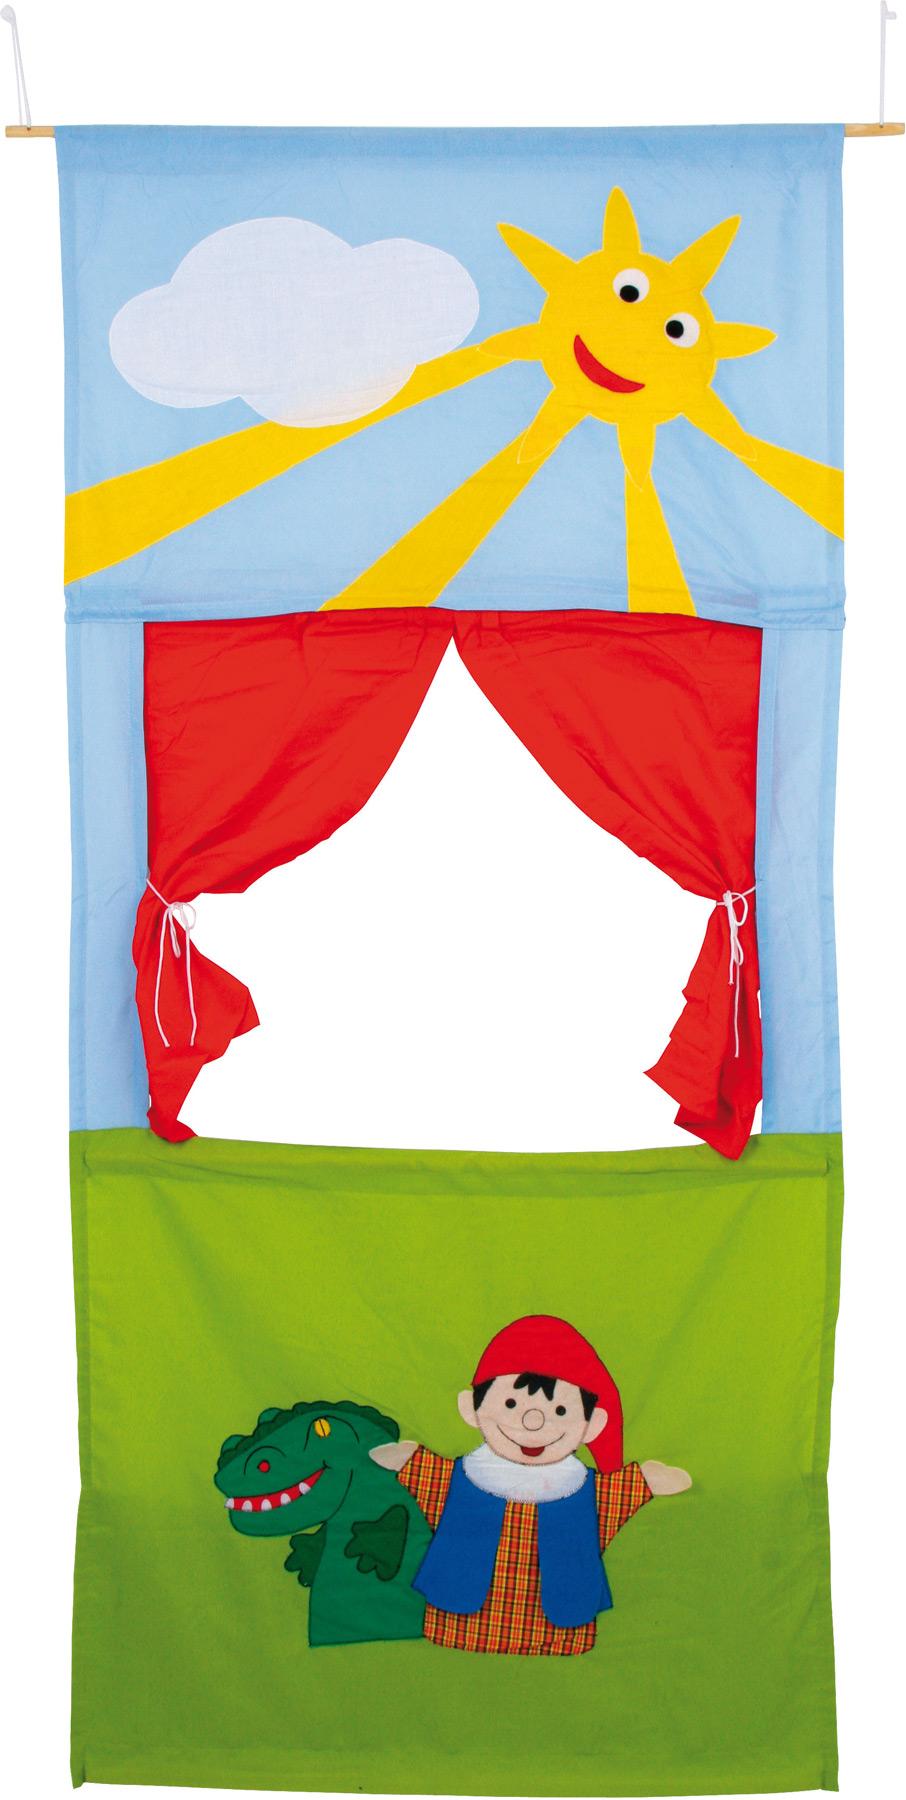 Small Foot Mobilné bábkové látkové divadlo